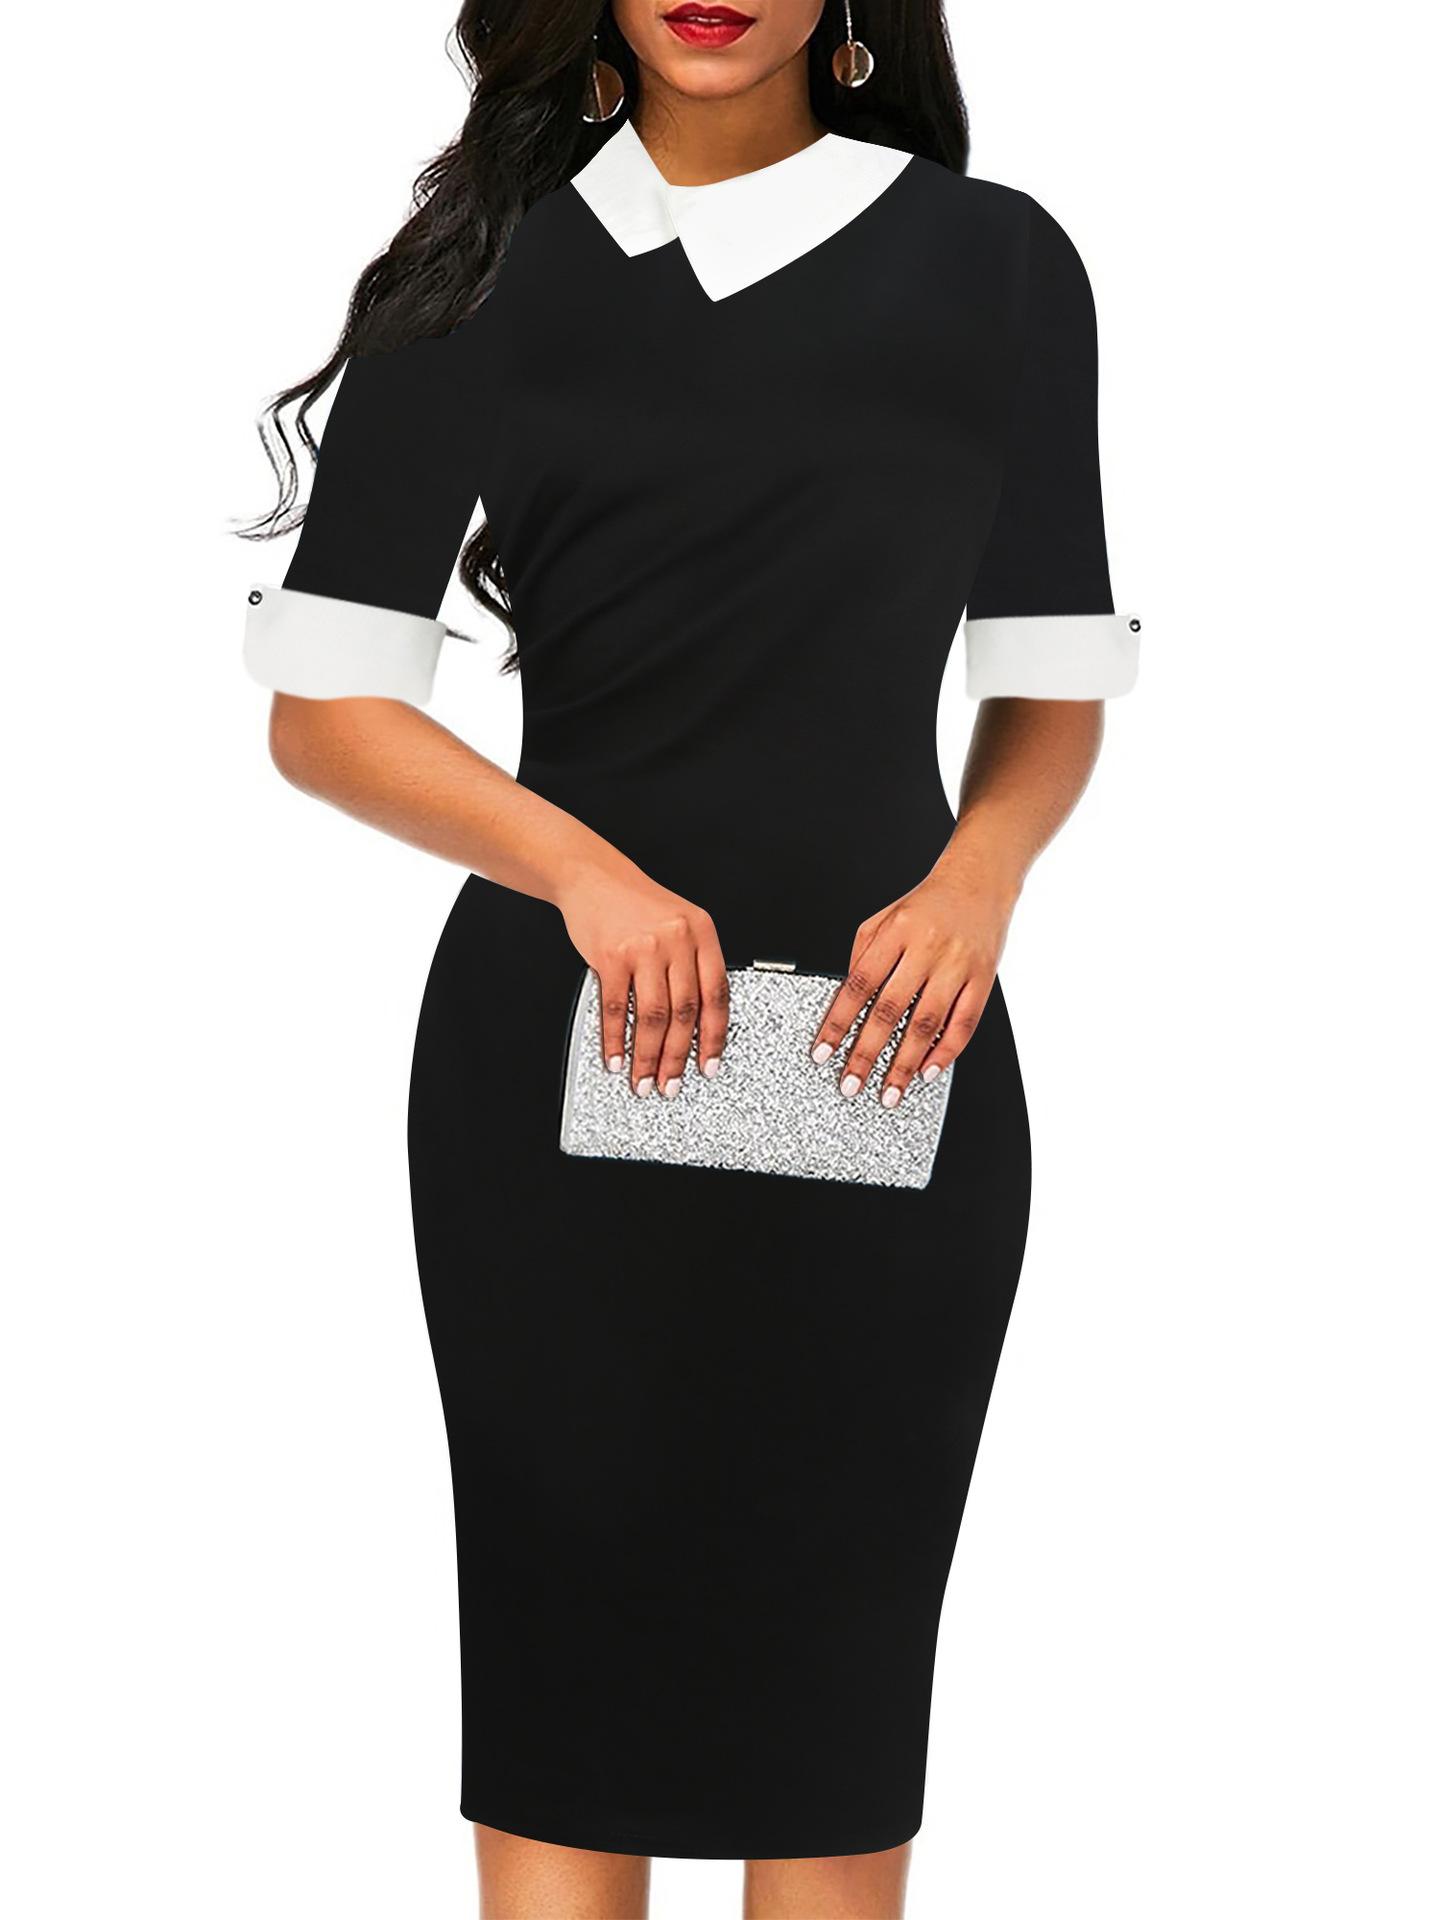 亚马逊新款高品质纯色五分袖娃娃领包臀及膝职业铅笔女装连衣裙